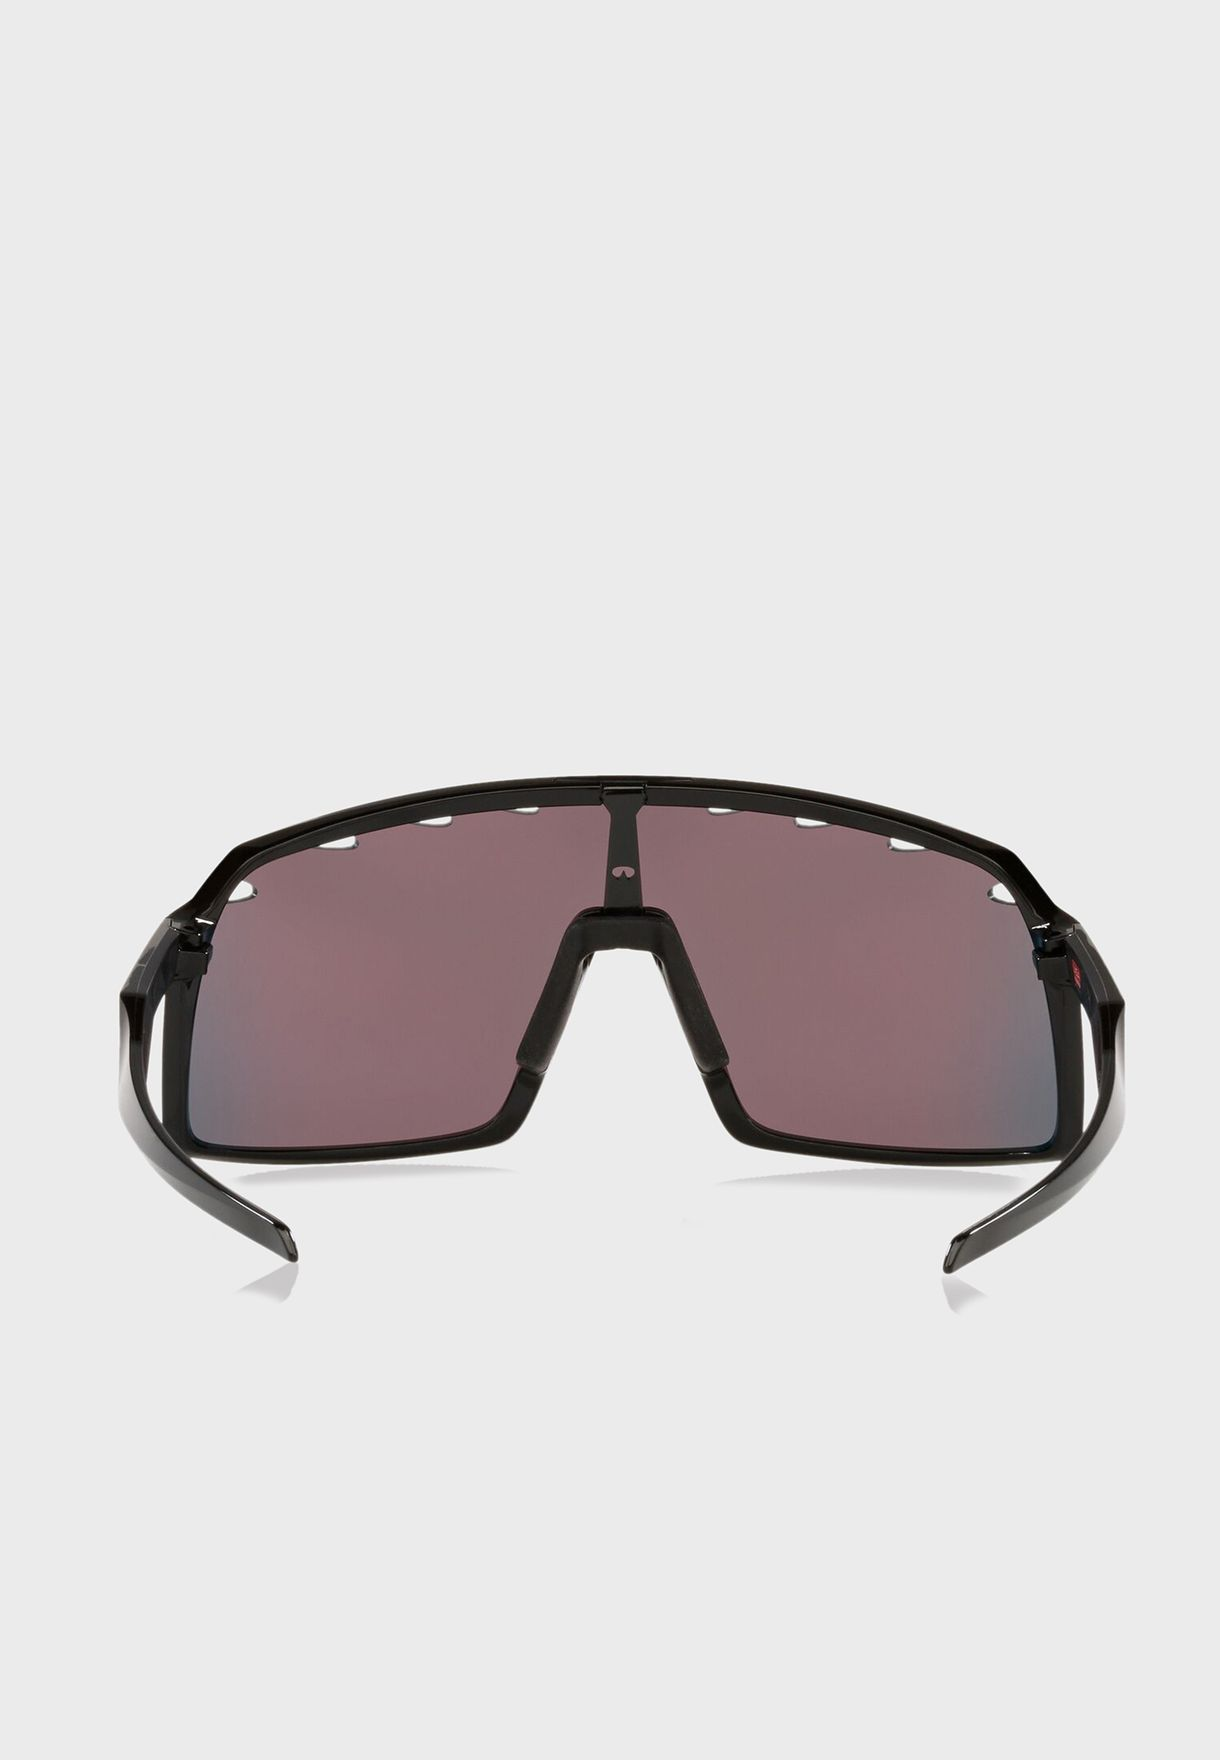 نظارة شمسية كلوب ماستر 0Oo9406